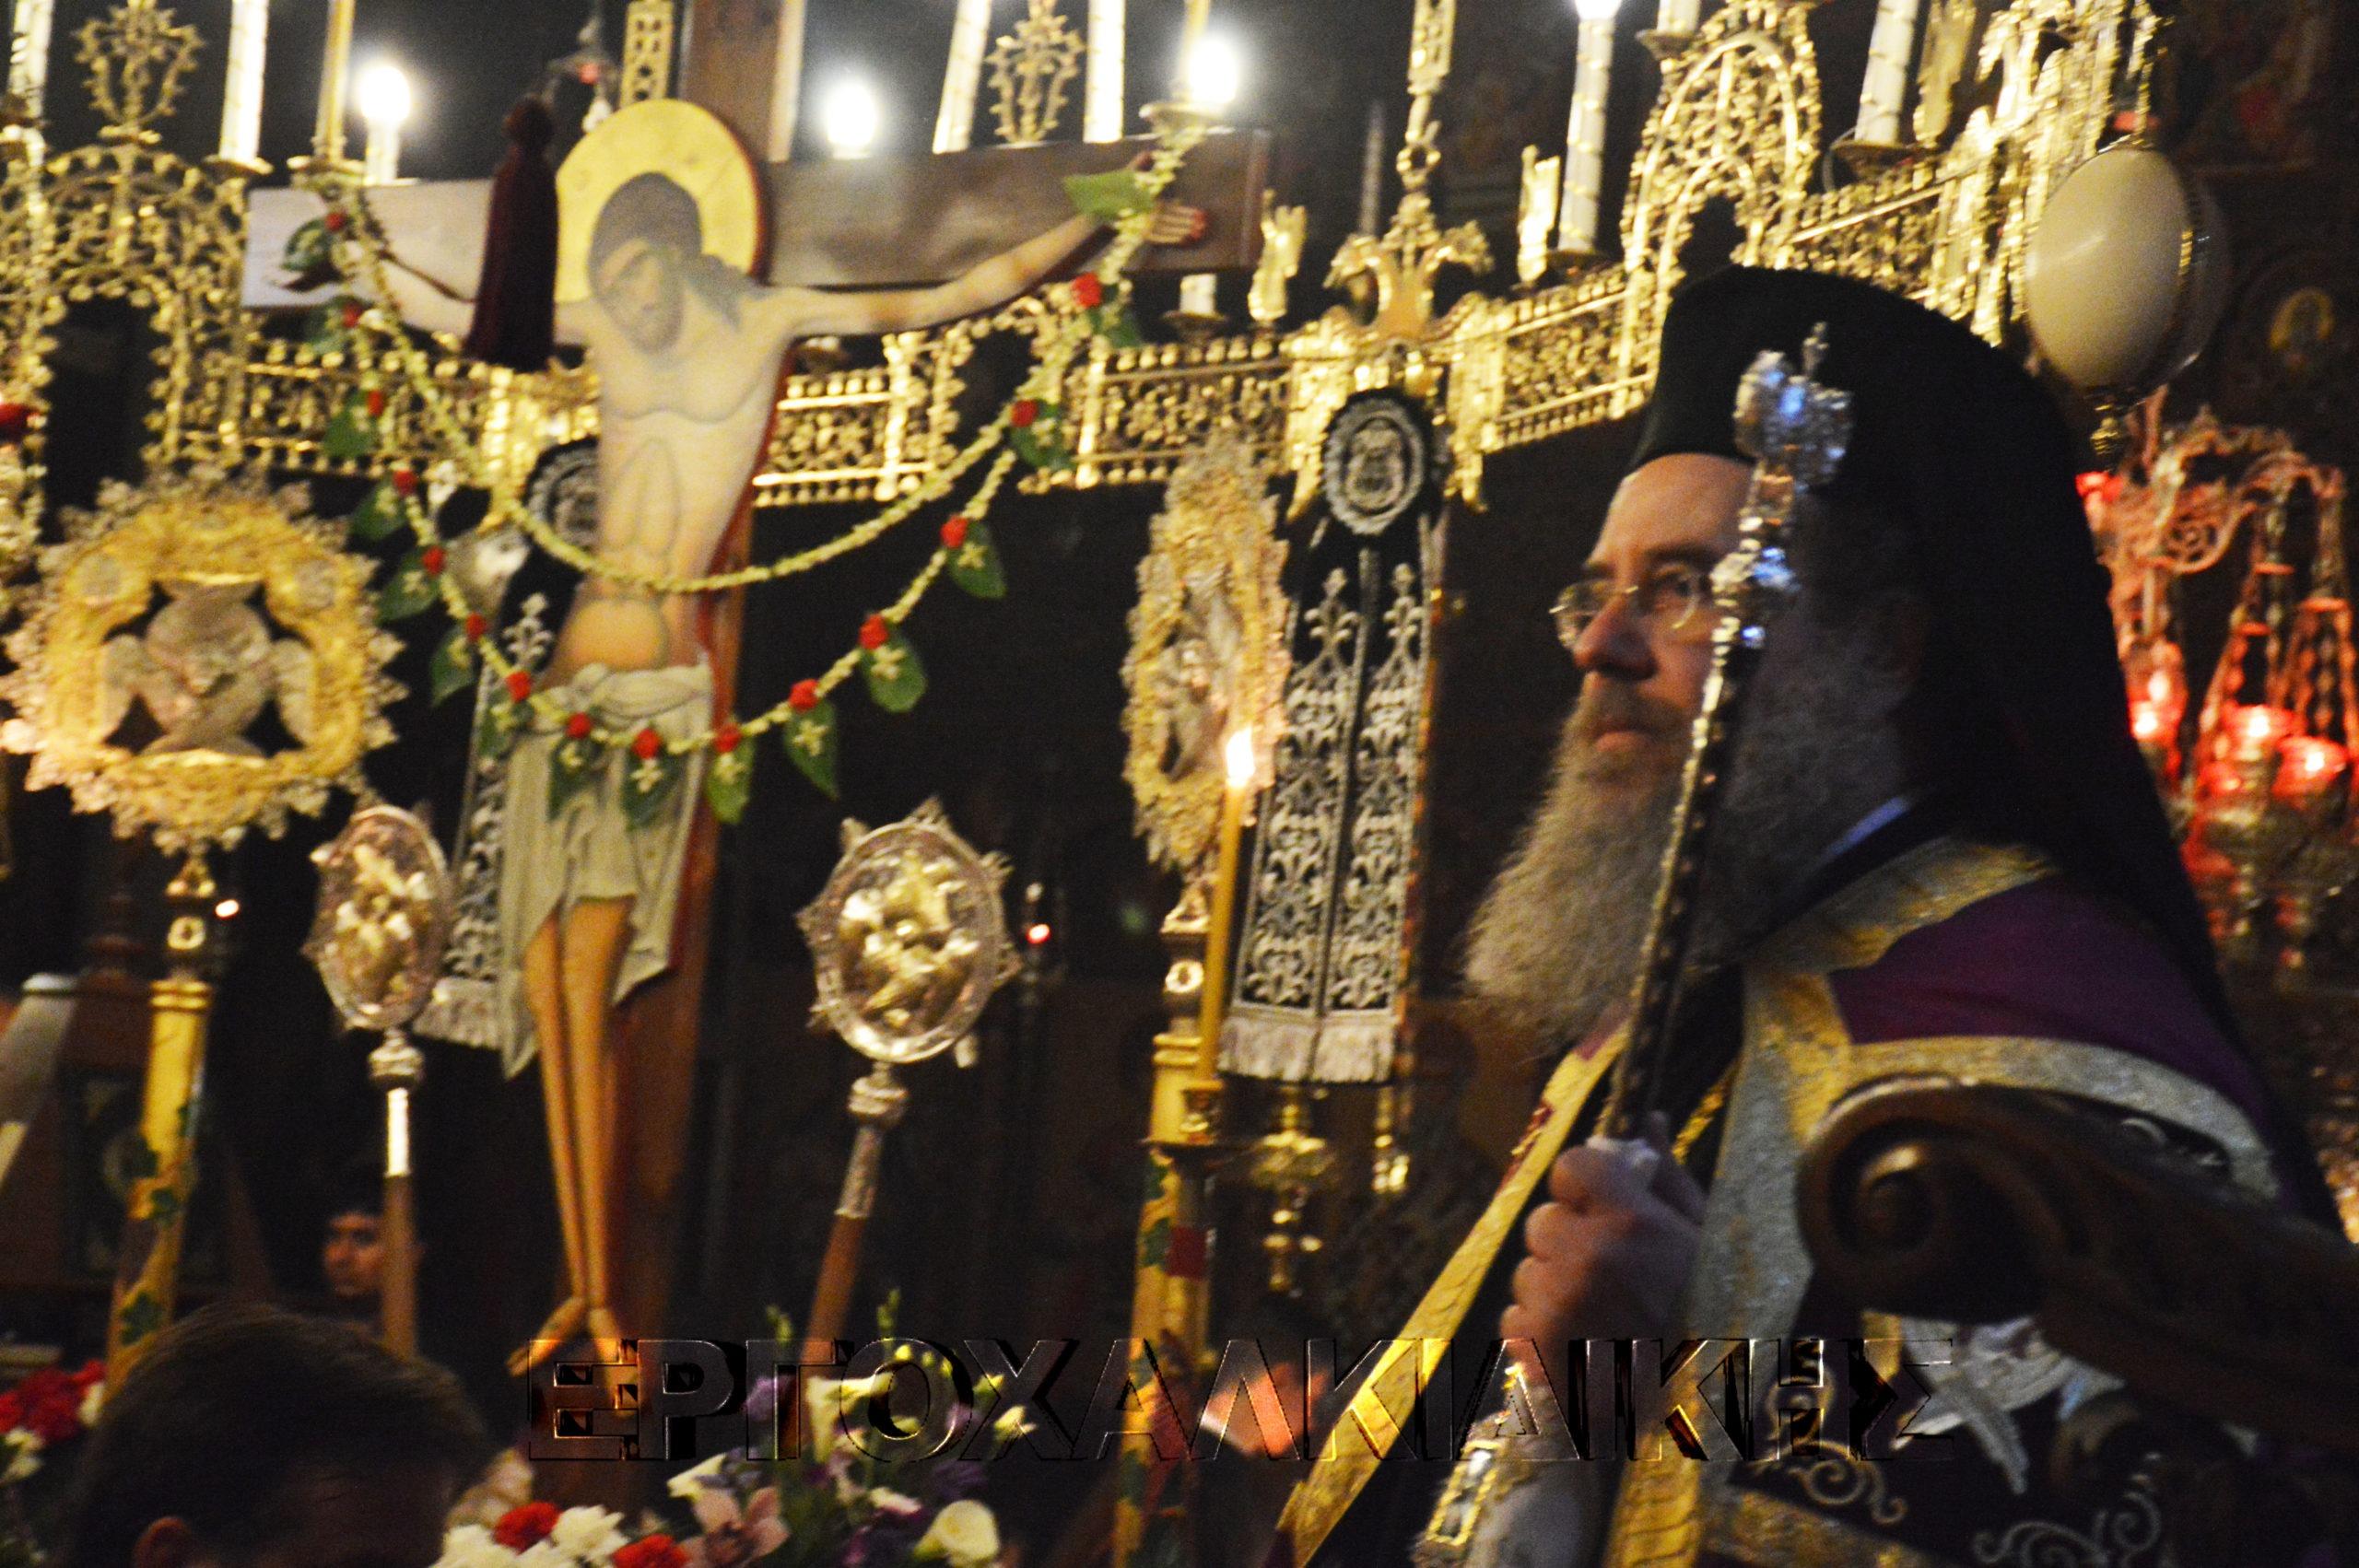 Ιερισσού Θεόκλητος: ''Η Εκκλησία χωρίς τη Θεία Ευχαριστία δεν υποστασιάζεται...''